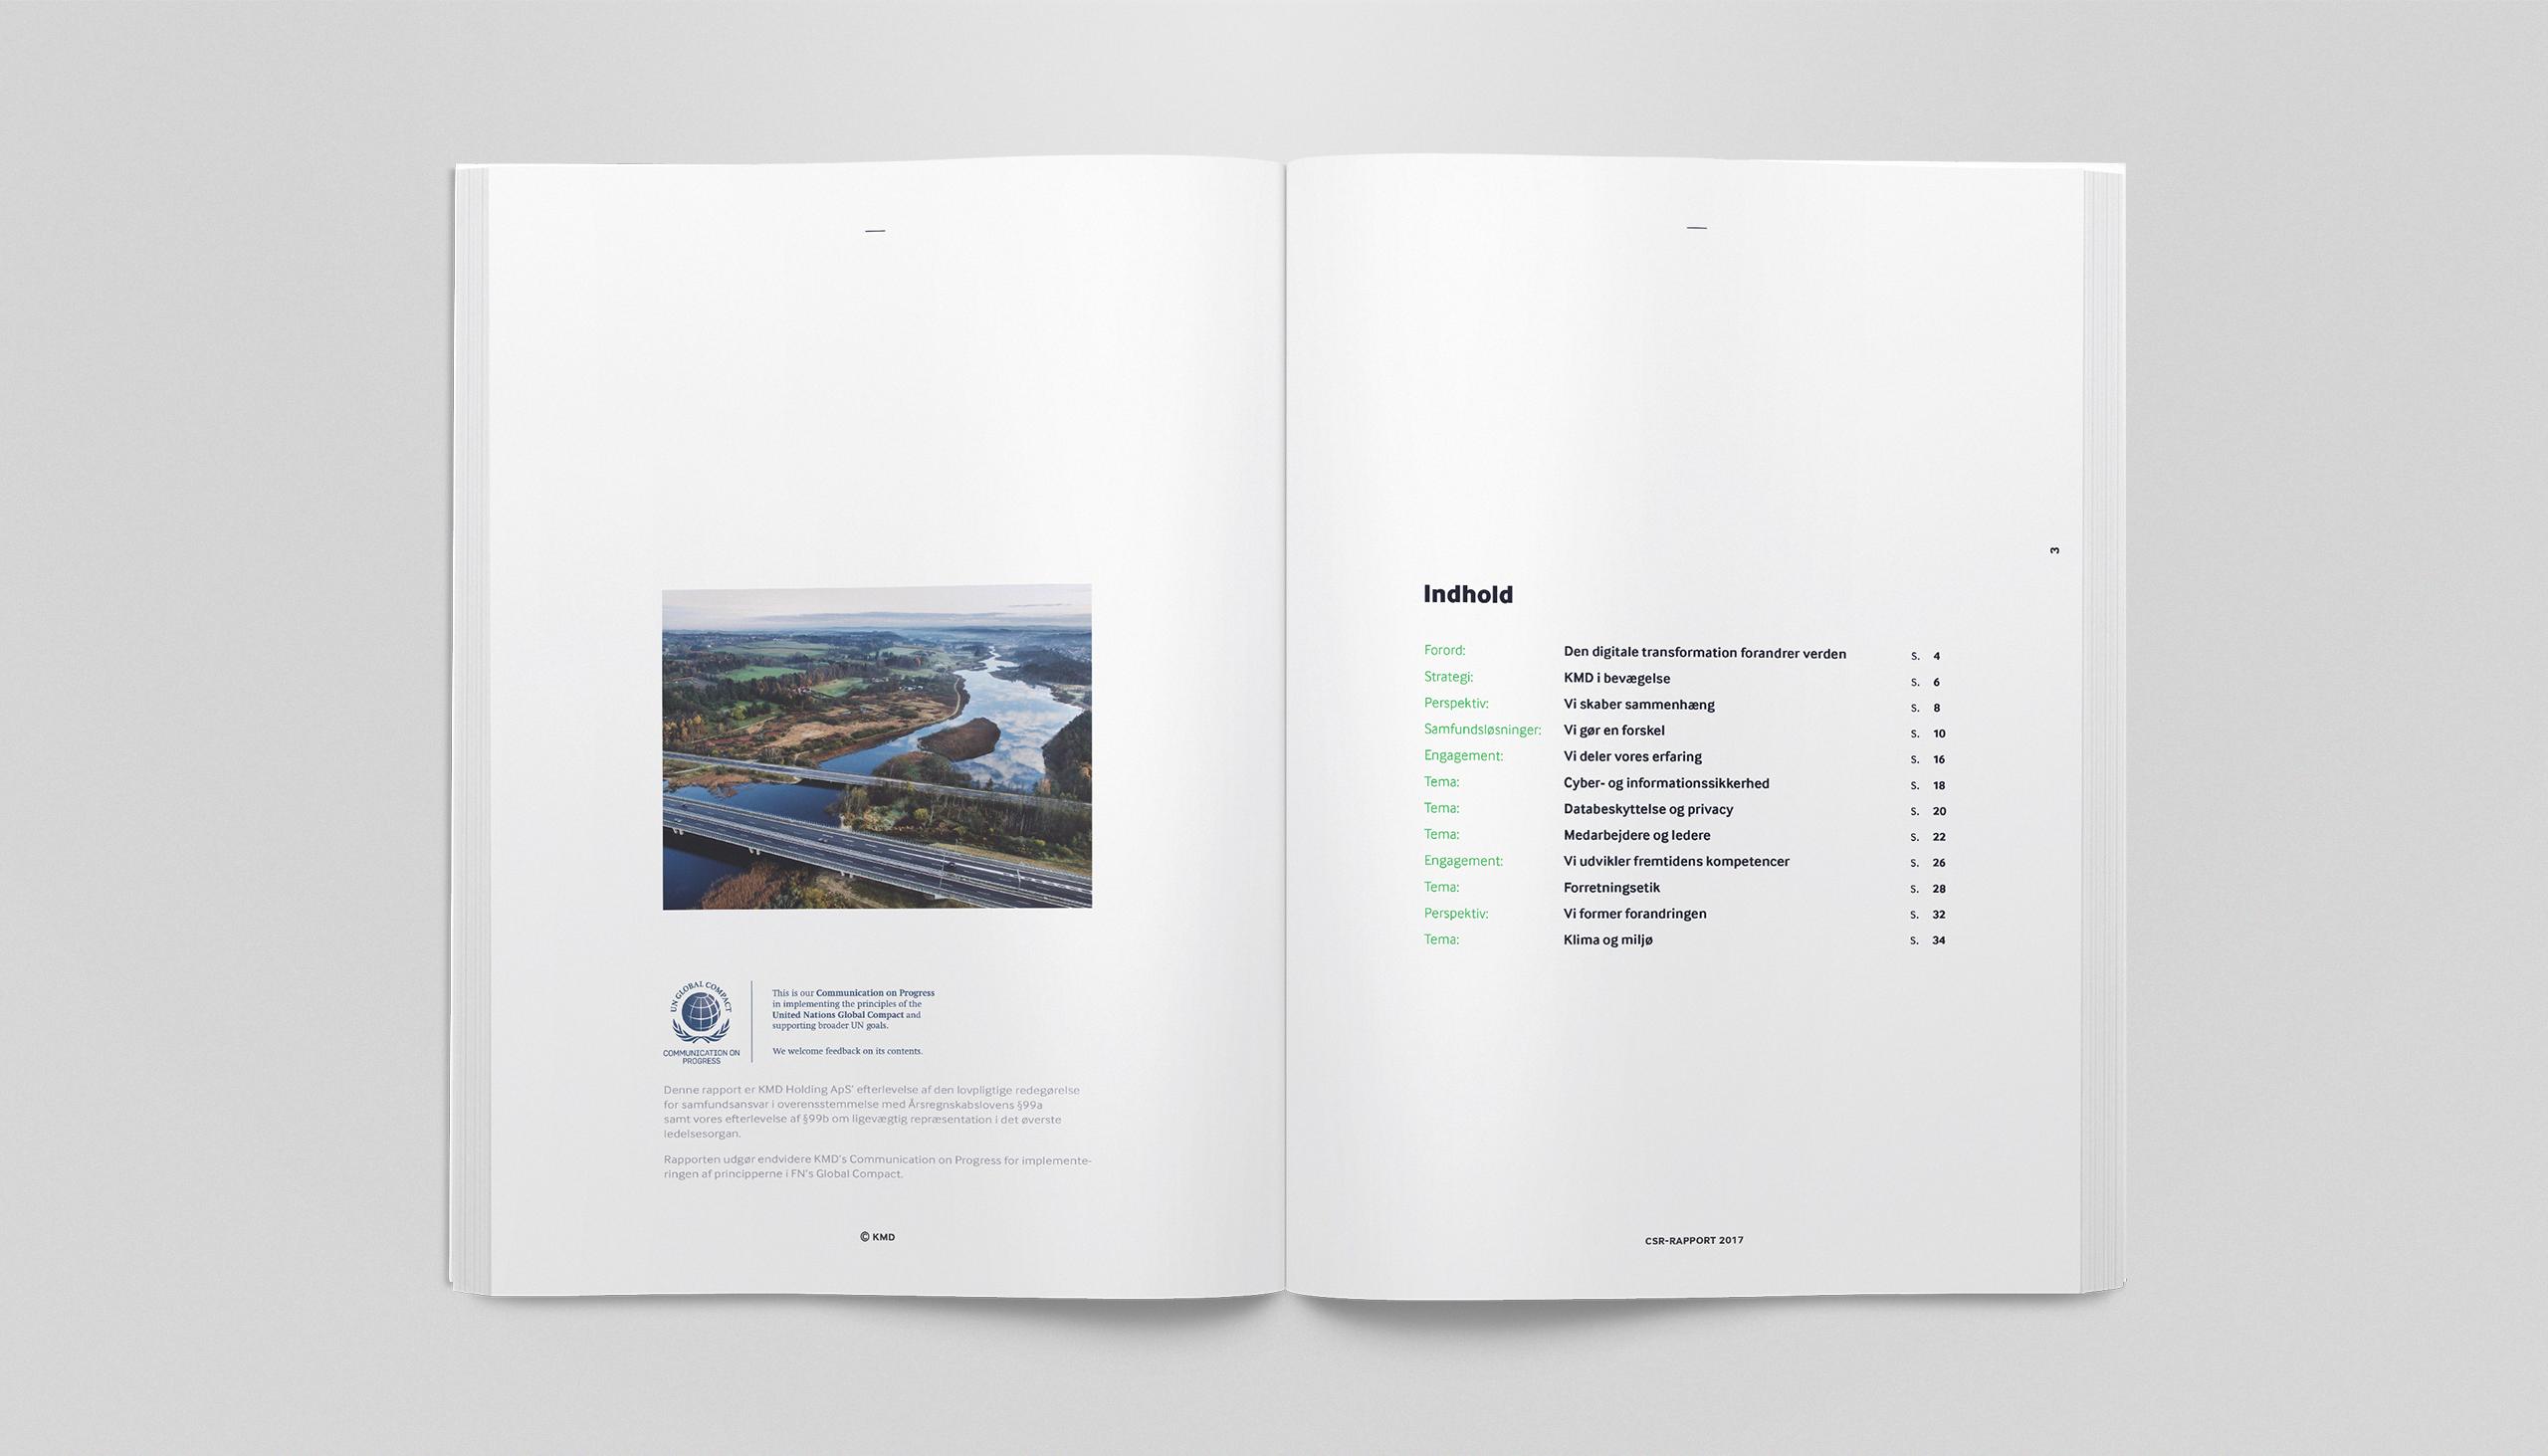 CSR_Præs_2020Indhold-copy